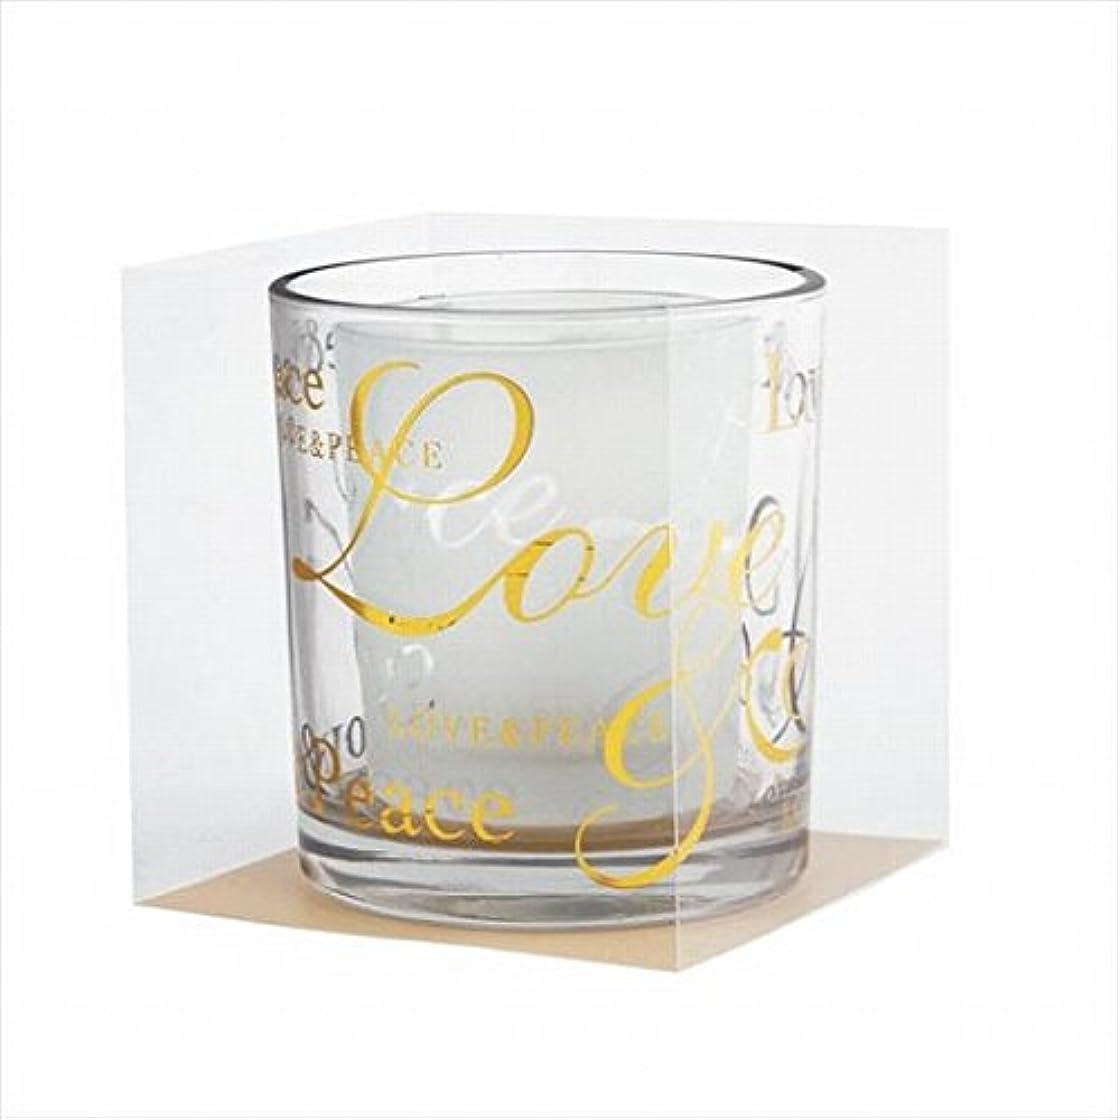 月曜日試み思想カメヤマキャンドル(kameyama candle) ラブ&ピースデュエットグラス 「 ゴールド 」